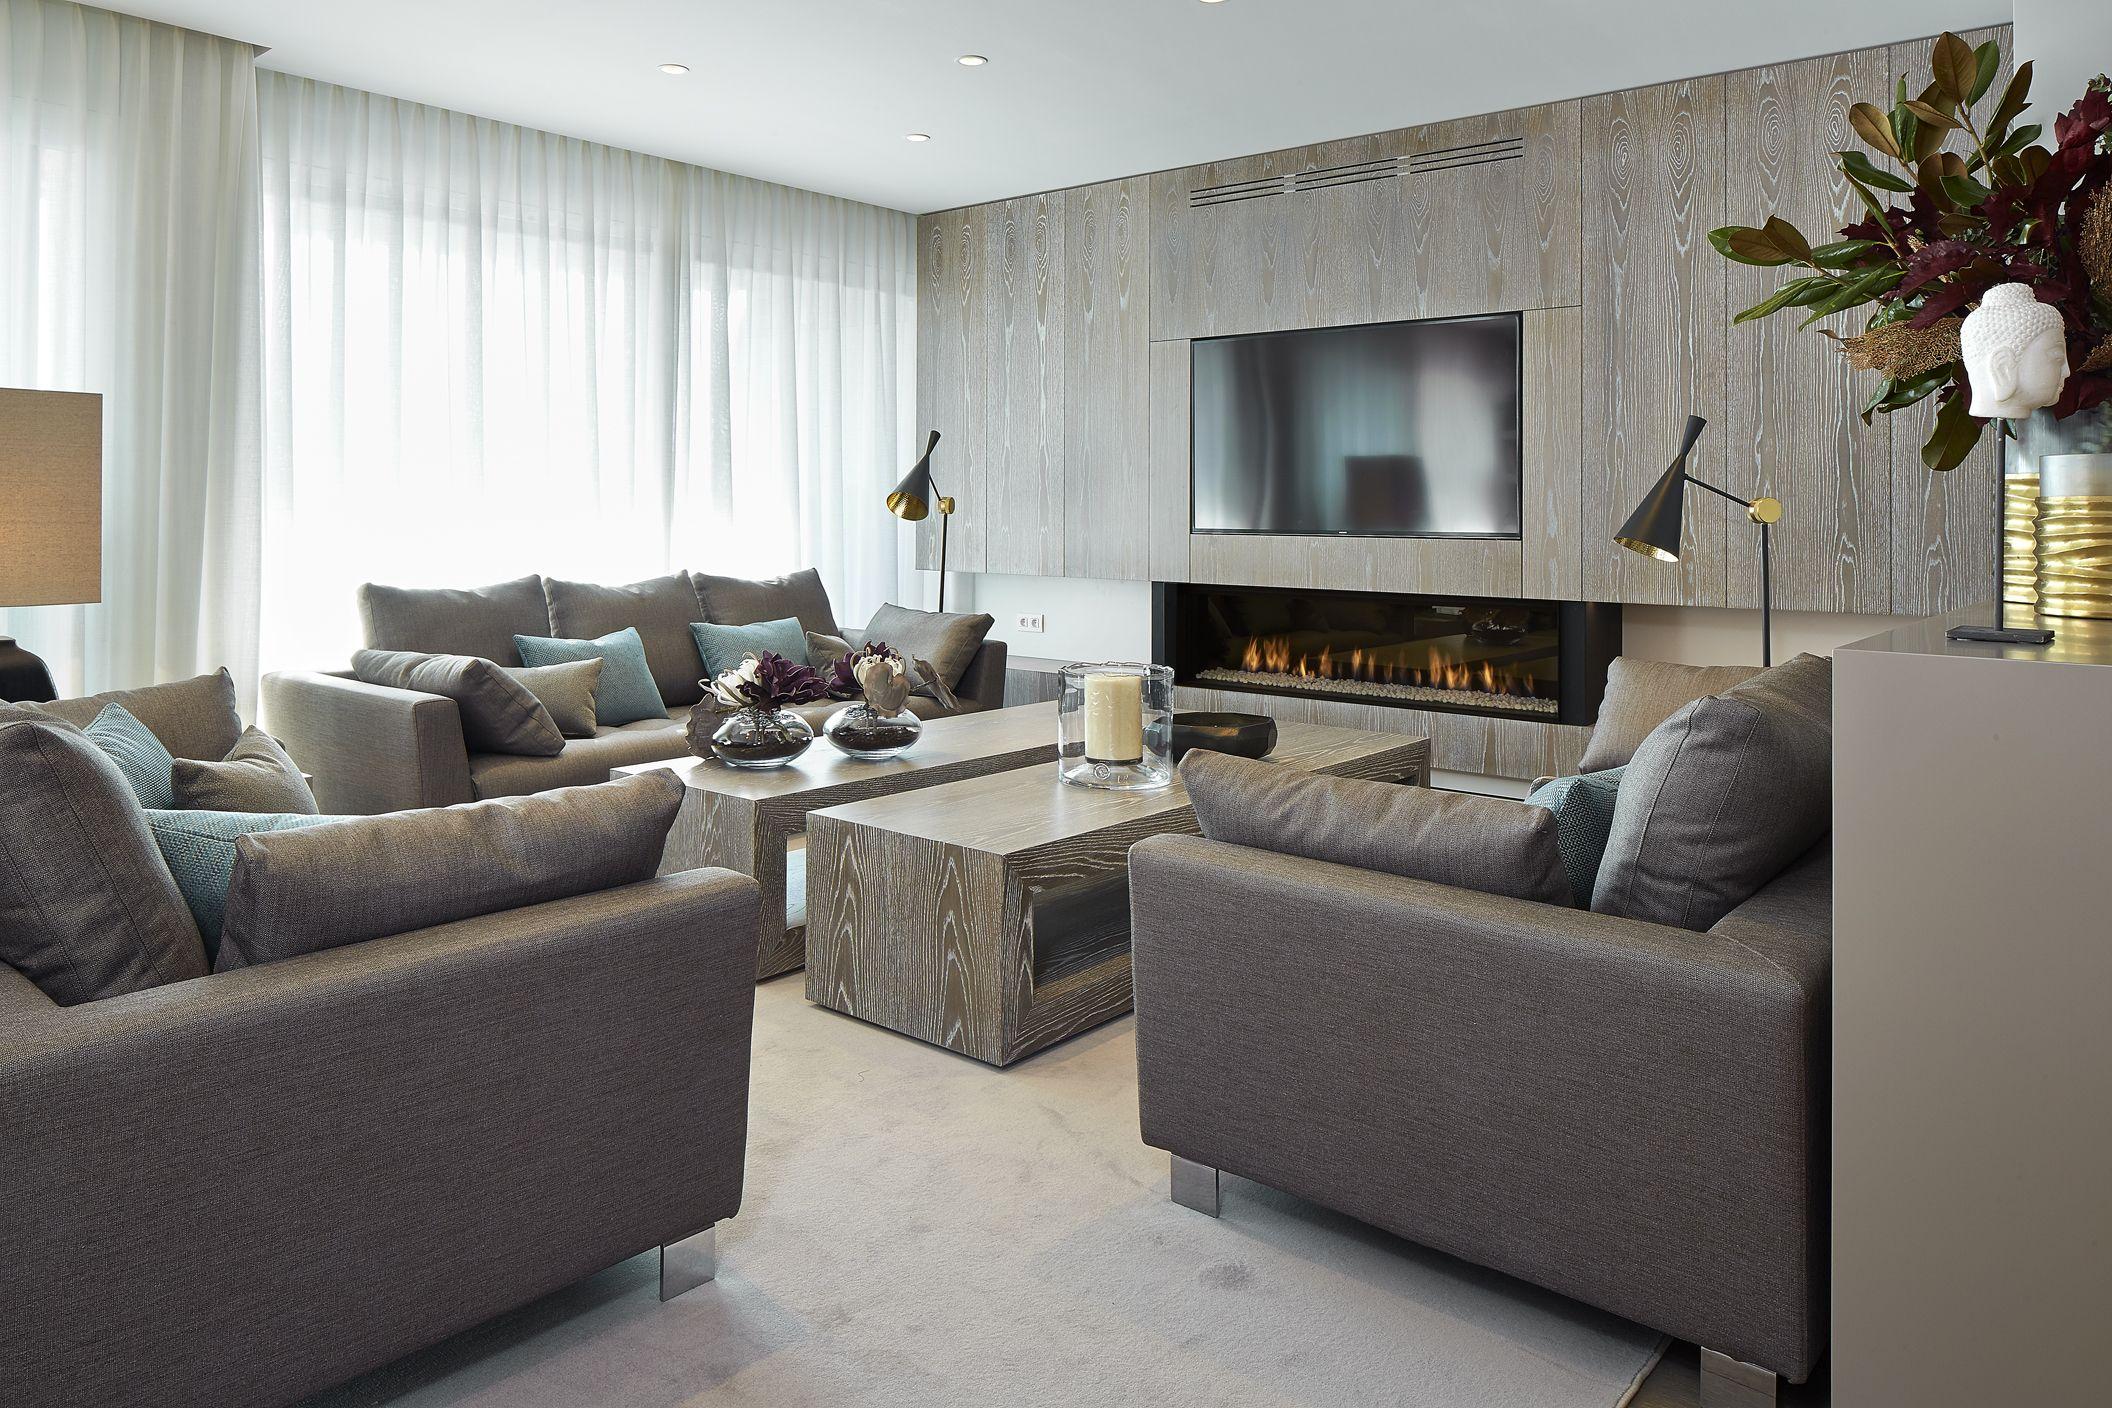 Molinsdesign arquitectura de interiores para el salon salonesdedise o salonesdelujo - Servicio de decoracion de interiores ...